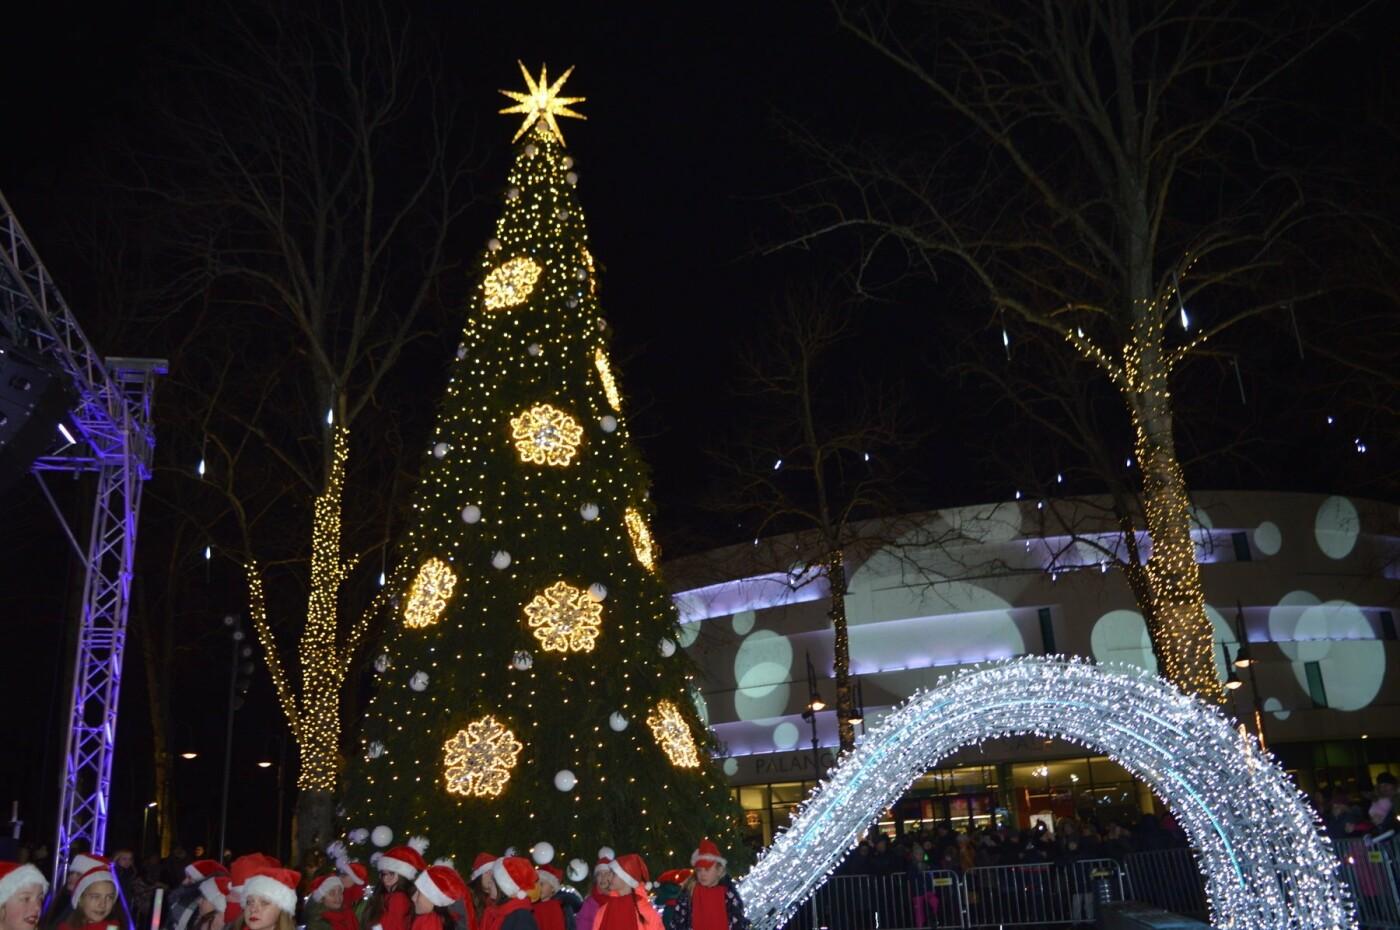 Palanga įžiebė eglę ir suspindo tūkstančiais kalėdinių šviesų, nuotrauka-77